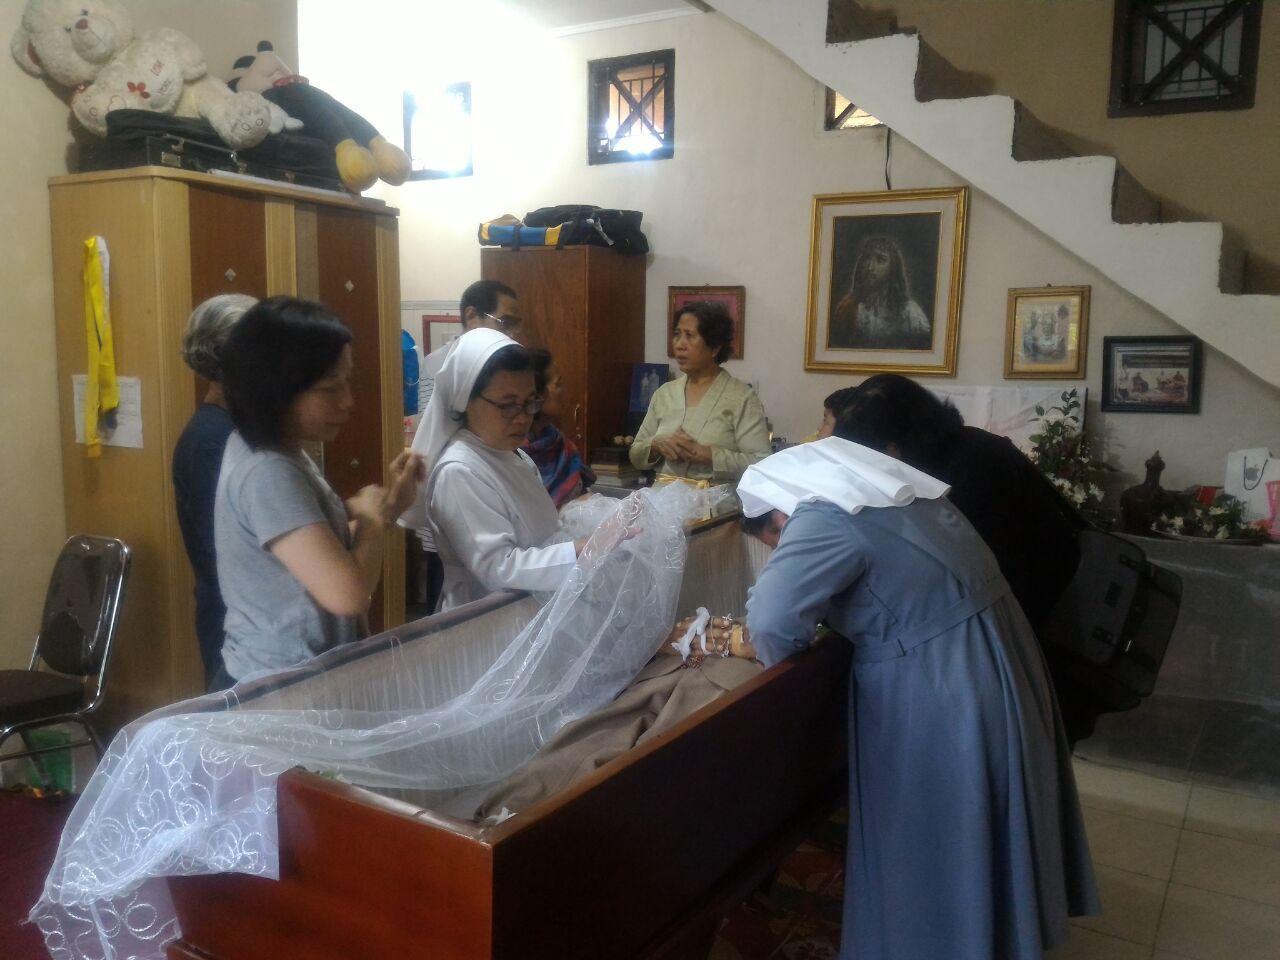 Jenazah P. Nyoman Giri disemayamkan di rumah duka, Perumahan Griya Abdi Negara Jl. Pangeran Tirtayasa, Sukabumi, Sukabumi, Bandar Lampung.